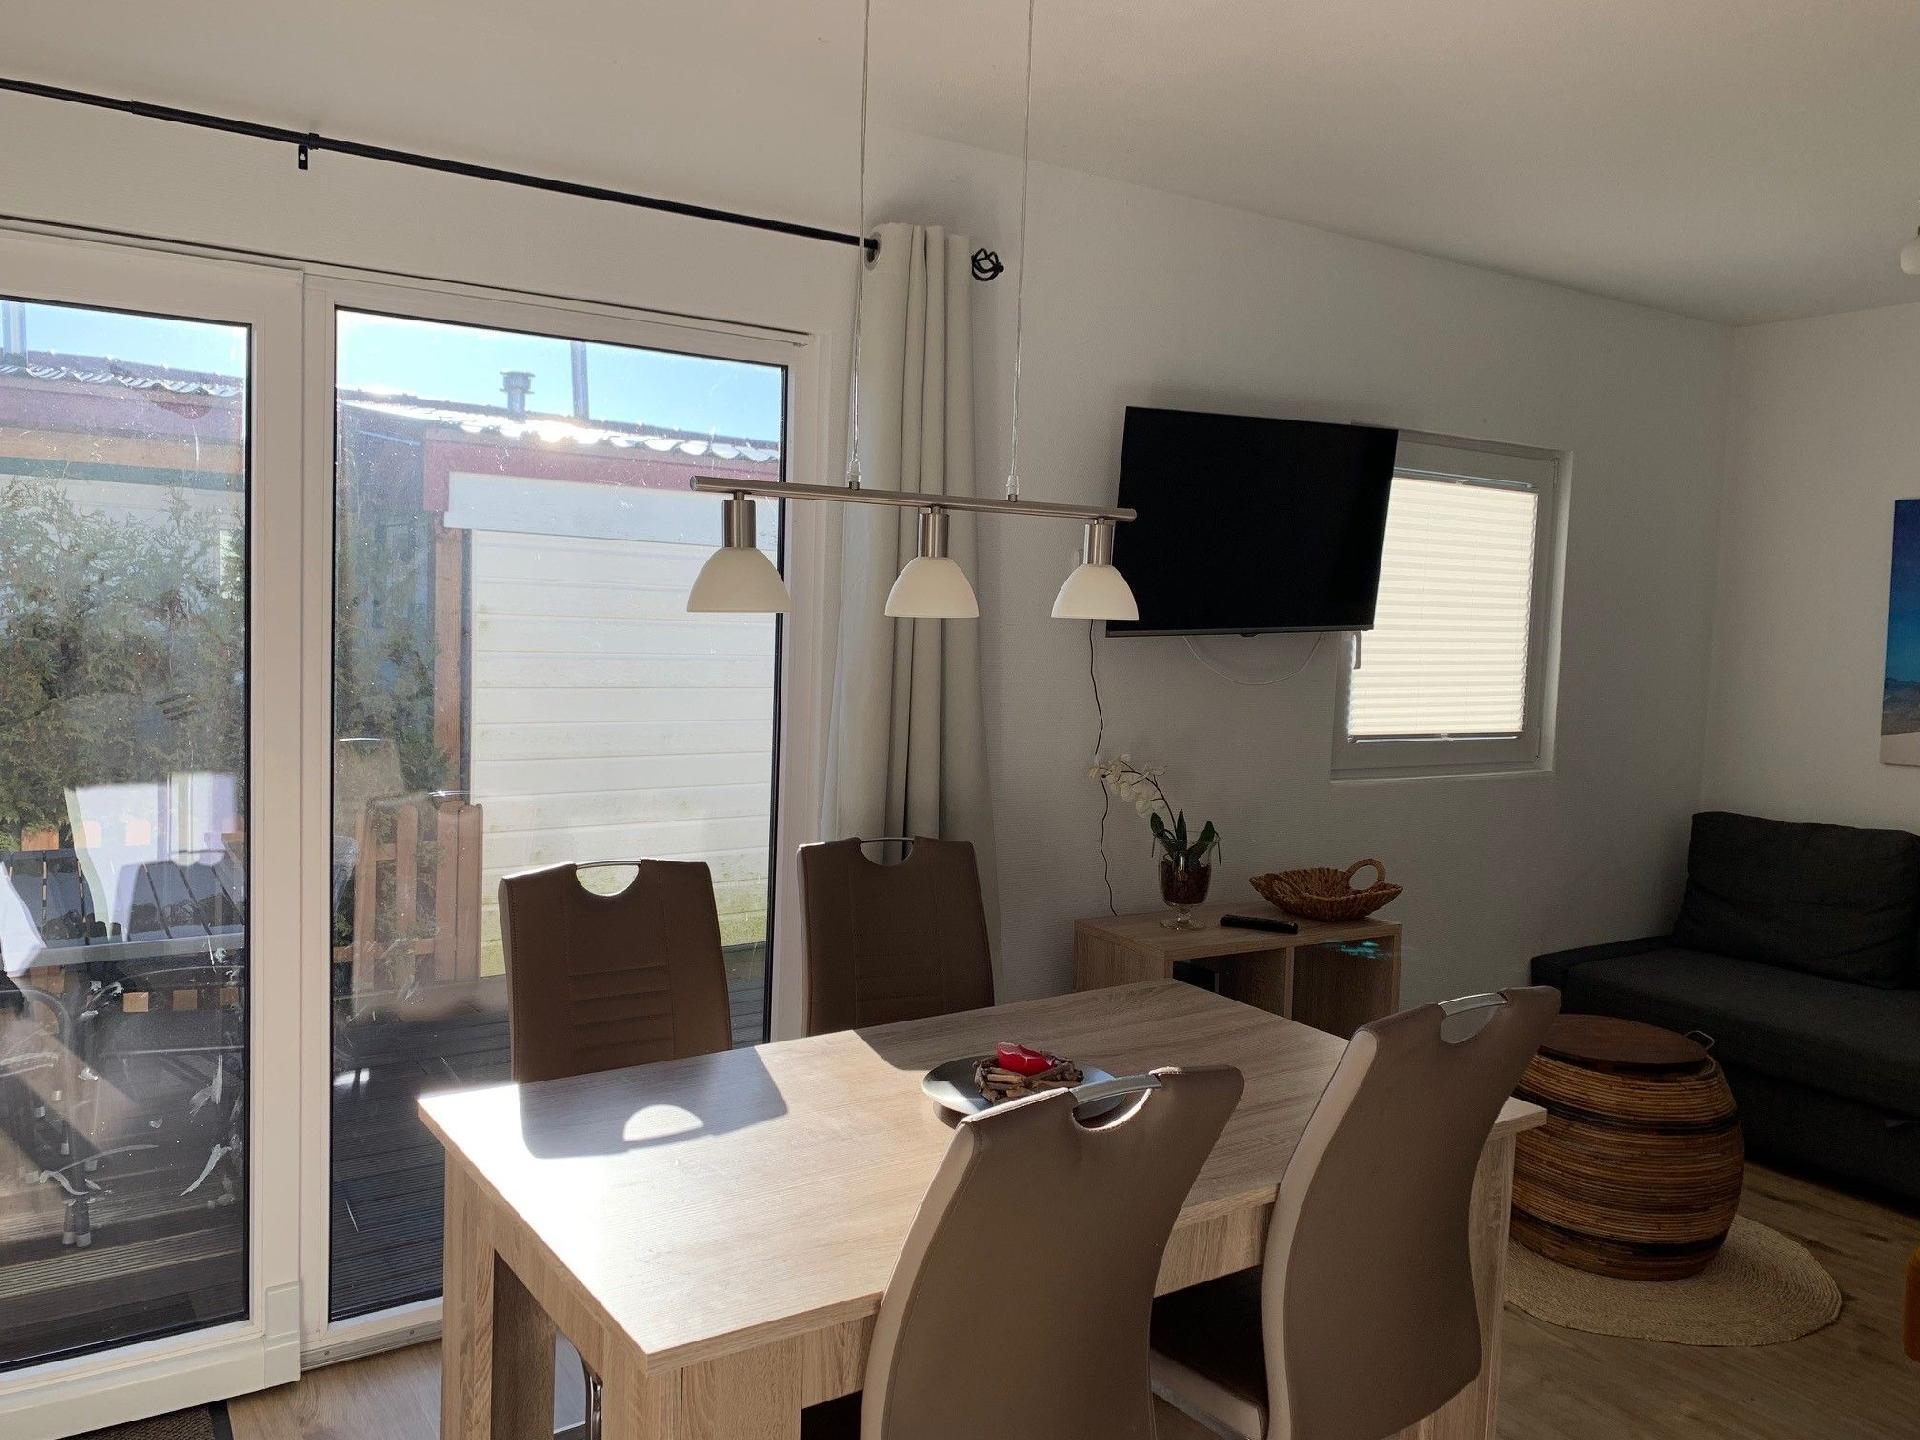 Ferienhaus für 5 Personen ca 54 m² in Wervershoof Nordholland Ijsselmeer